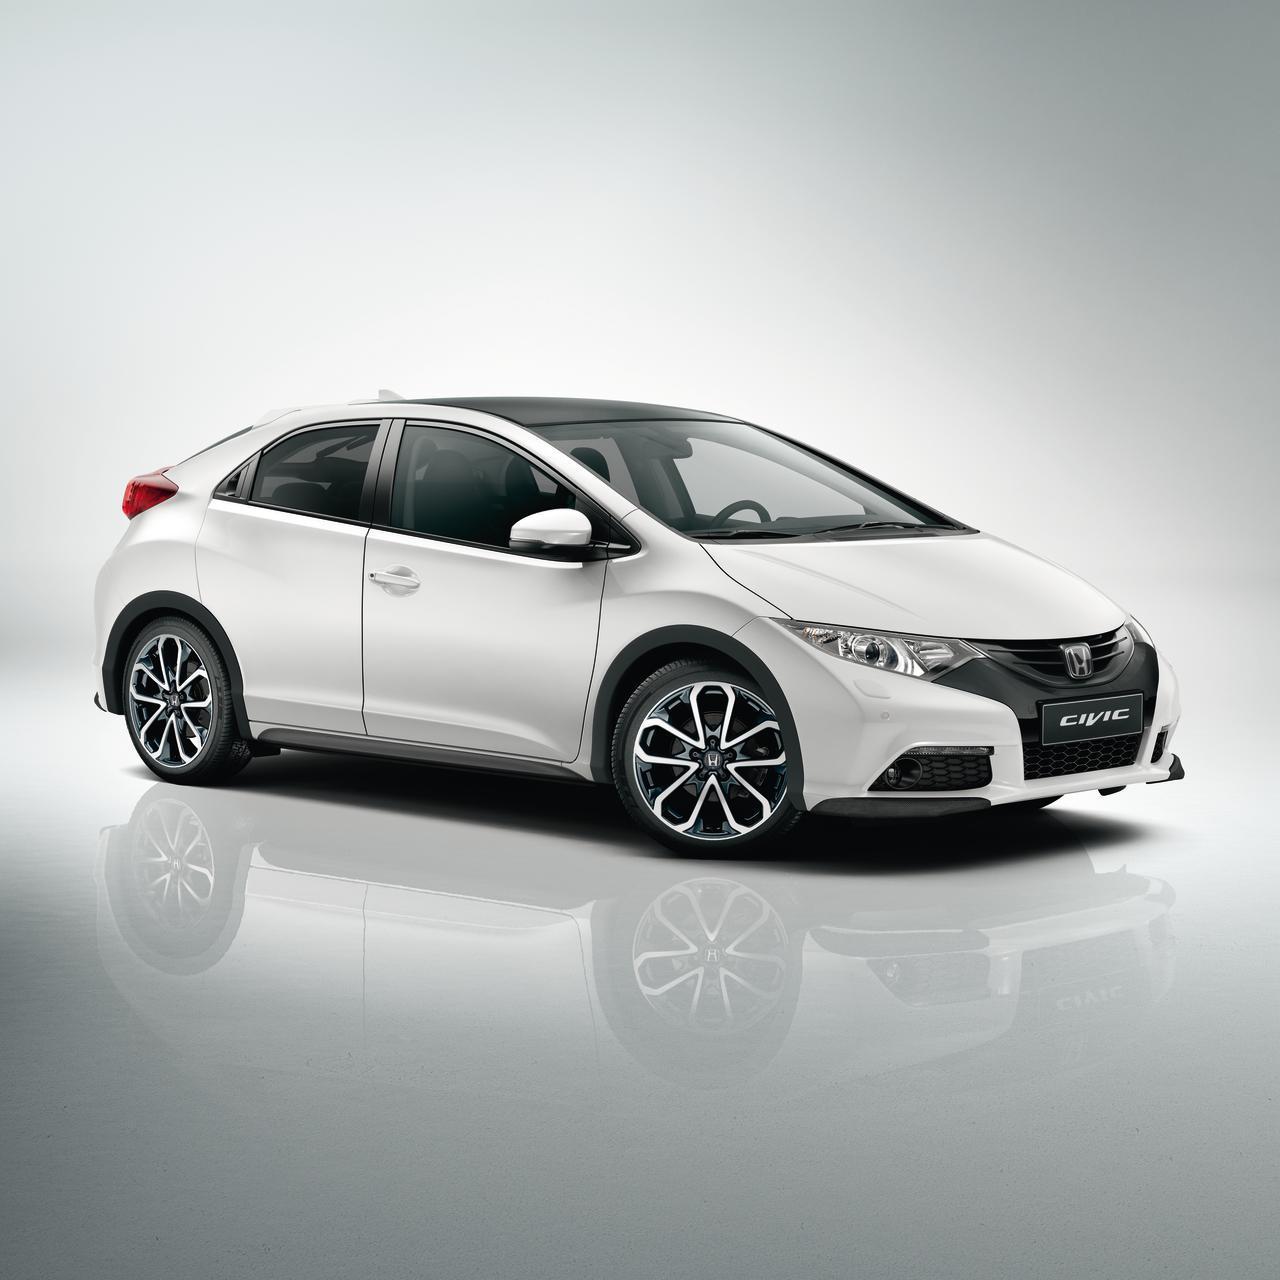 Foto de Honda Civic 2012 (91/153)